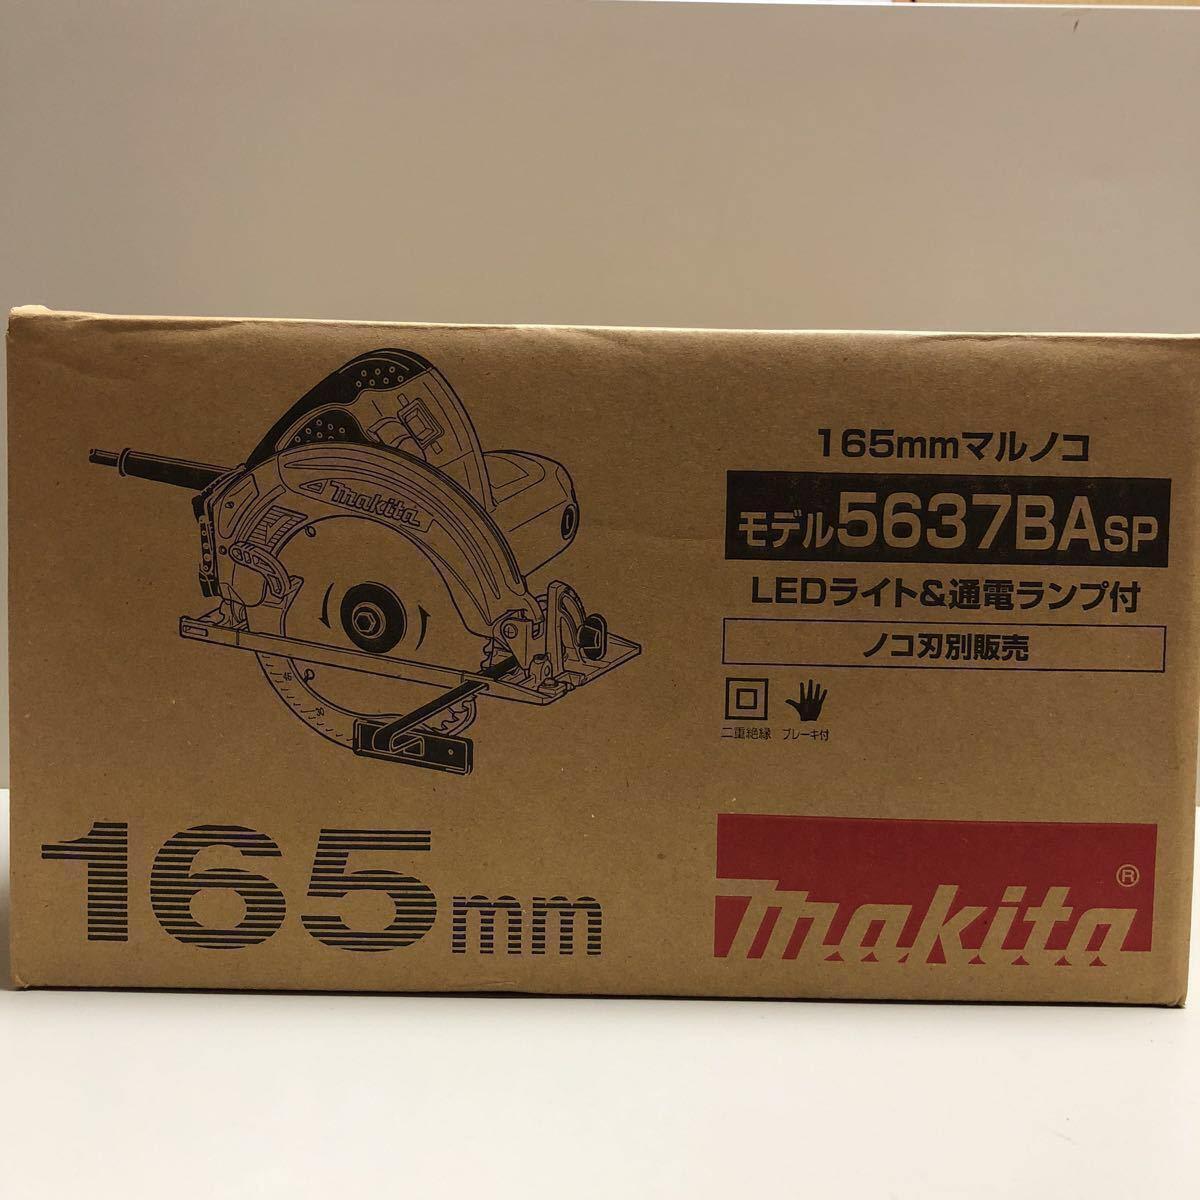 【新品・未使用】マキタ MAKITA 165mm 電気マルノコ 5637BAsp LEDライト 通電ランプ 二重絶縁 ブレーキ付 5637BA 丸のこ 丸ノコ 木材用刃付_画像3